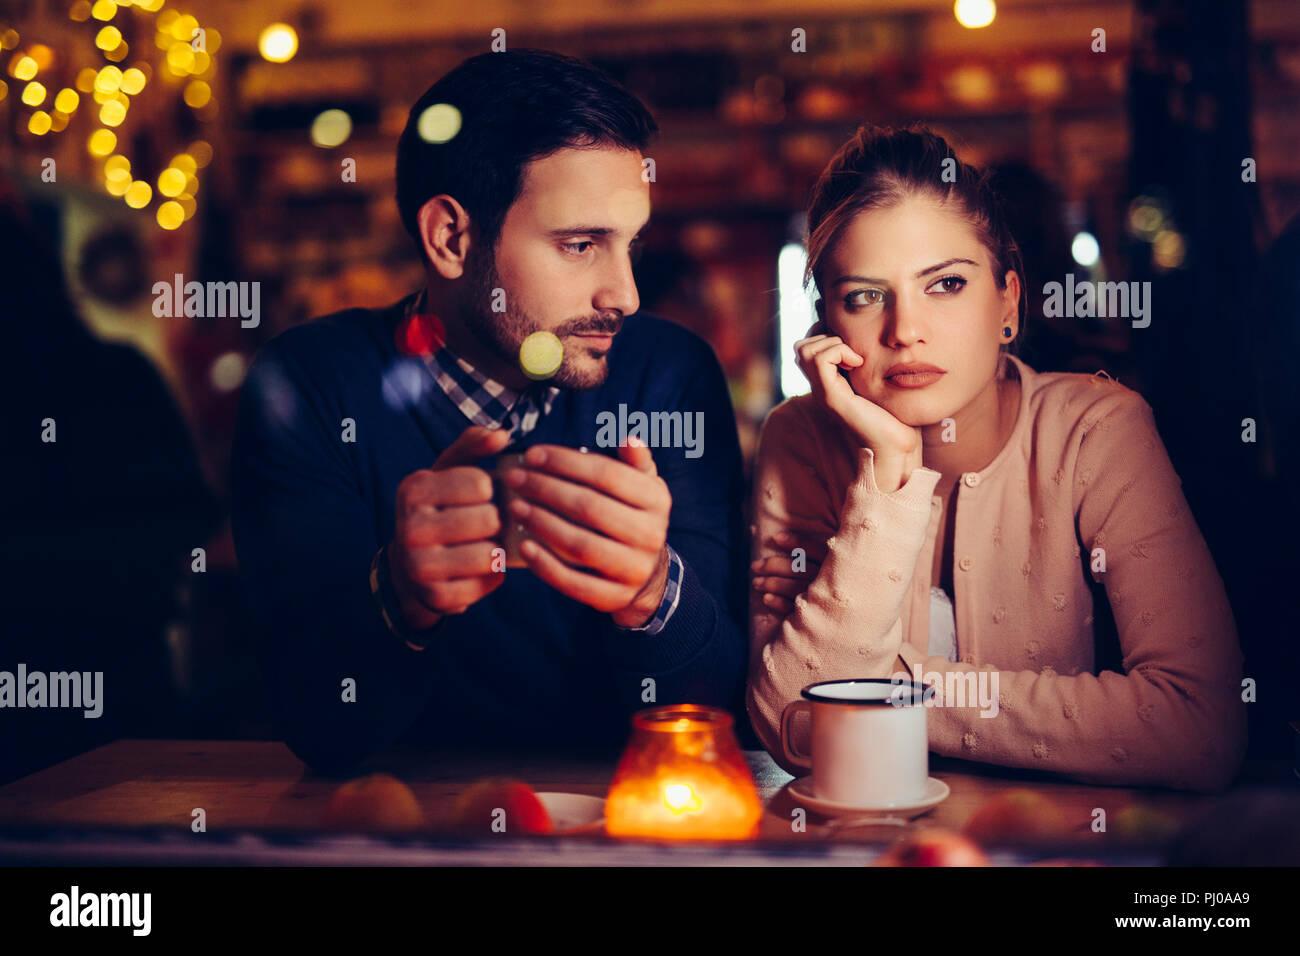 Triste couple having conflits et problèmes de rapport Photo Stock